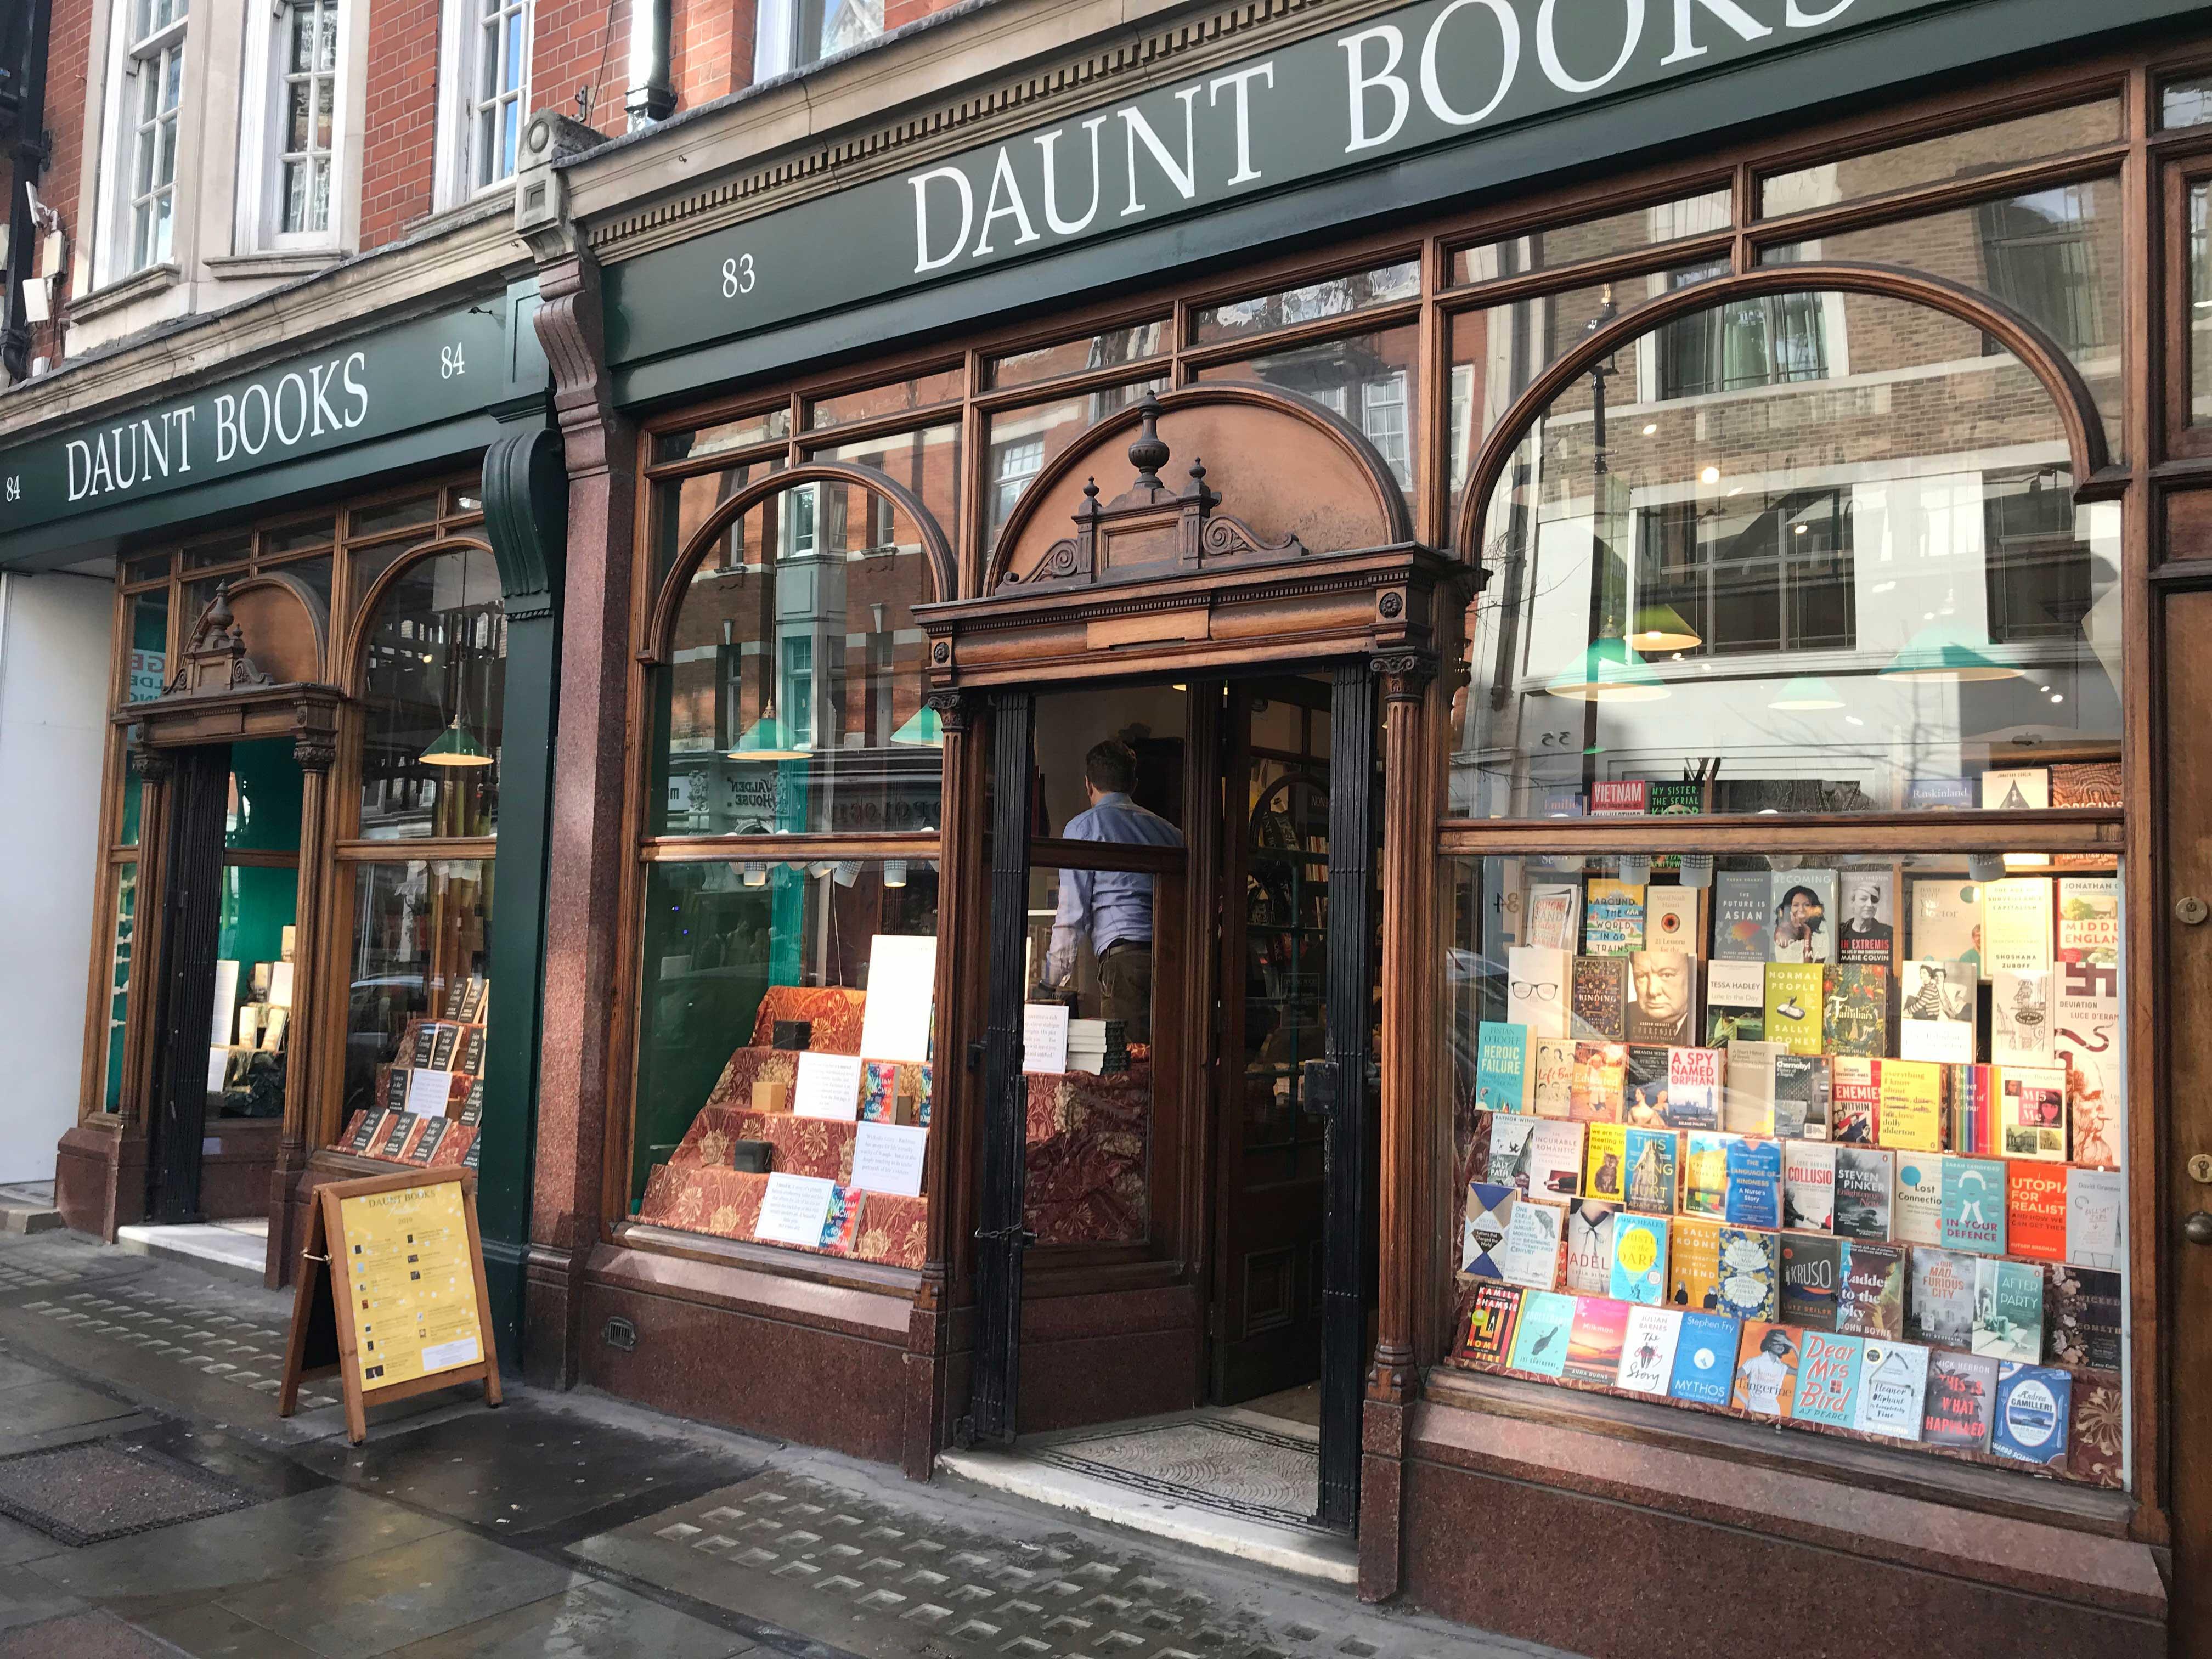 Daun Books